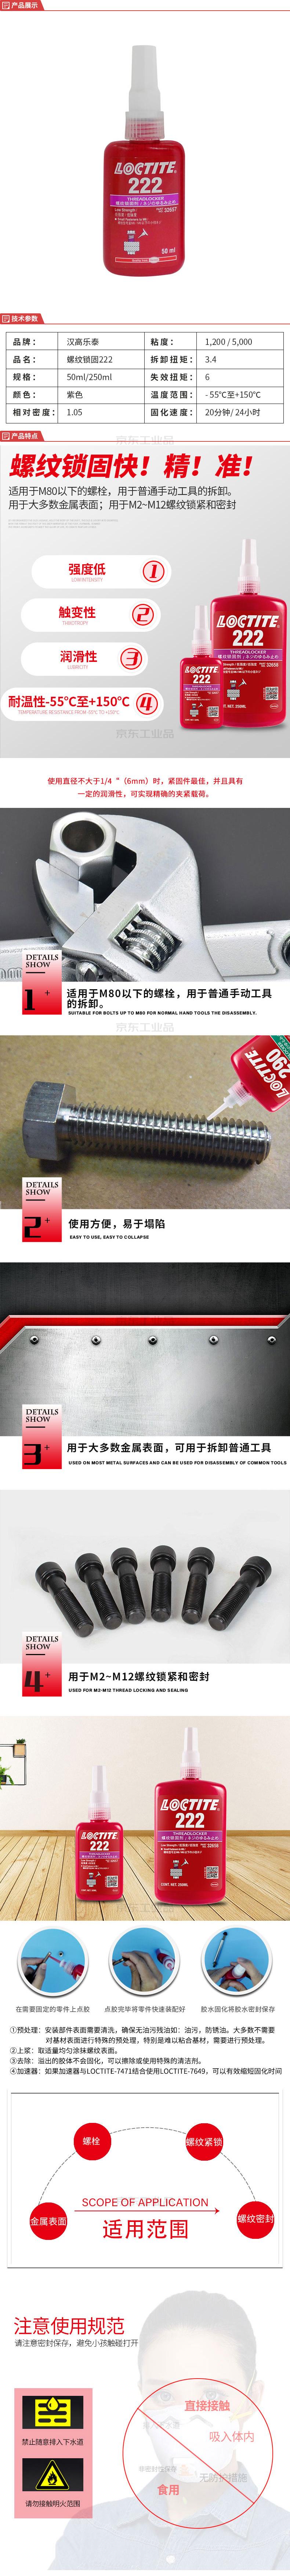 汉高 乐泰螺纹锁固胶222(50ML)